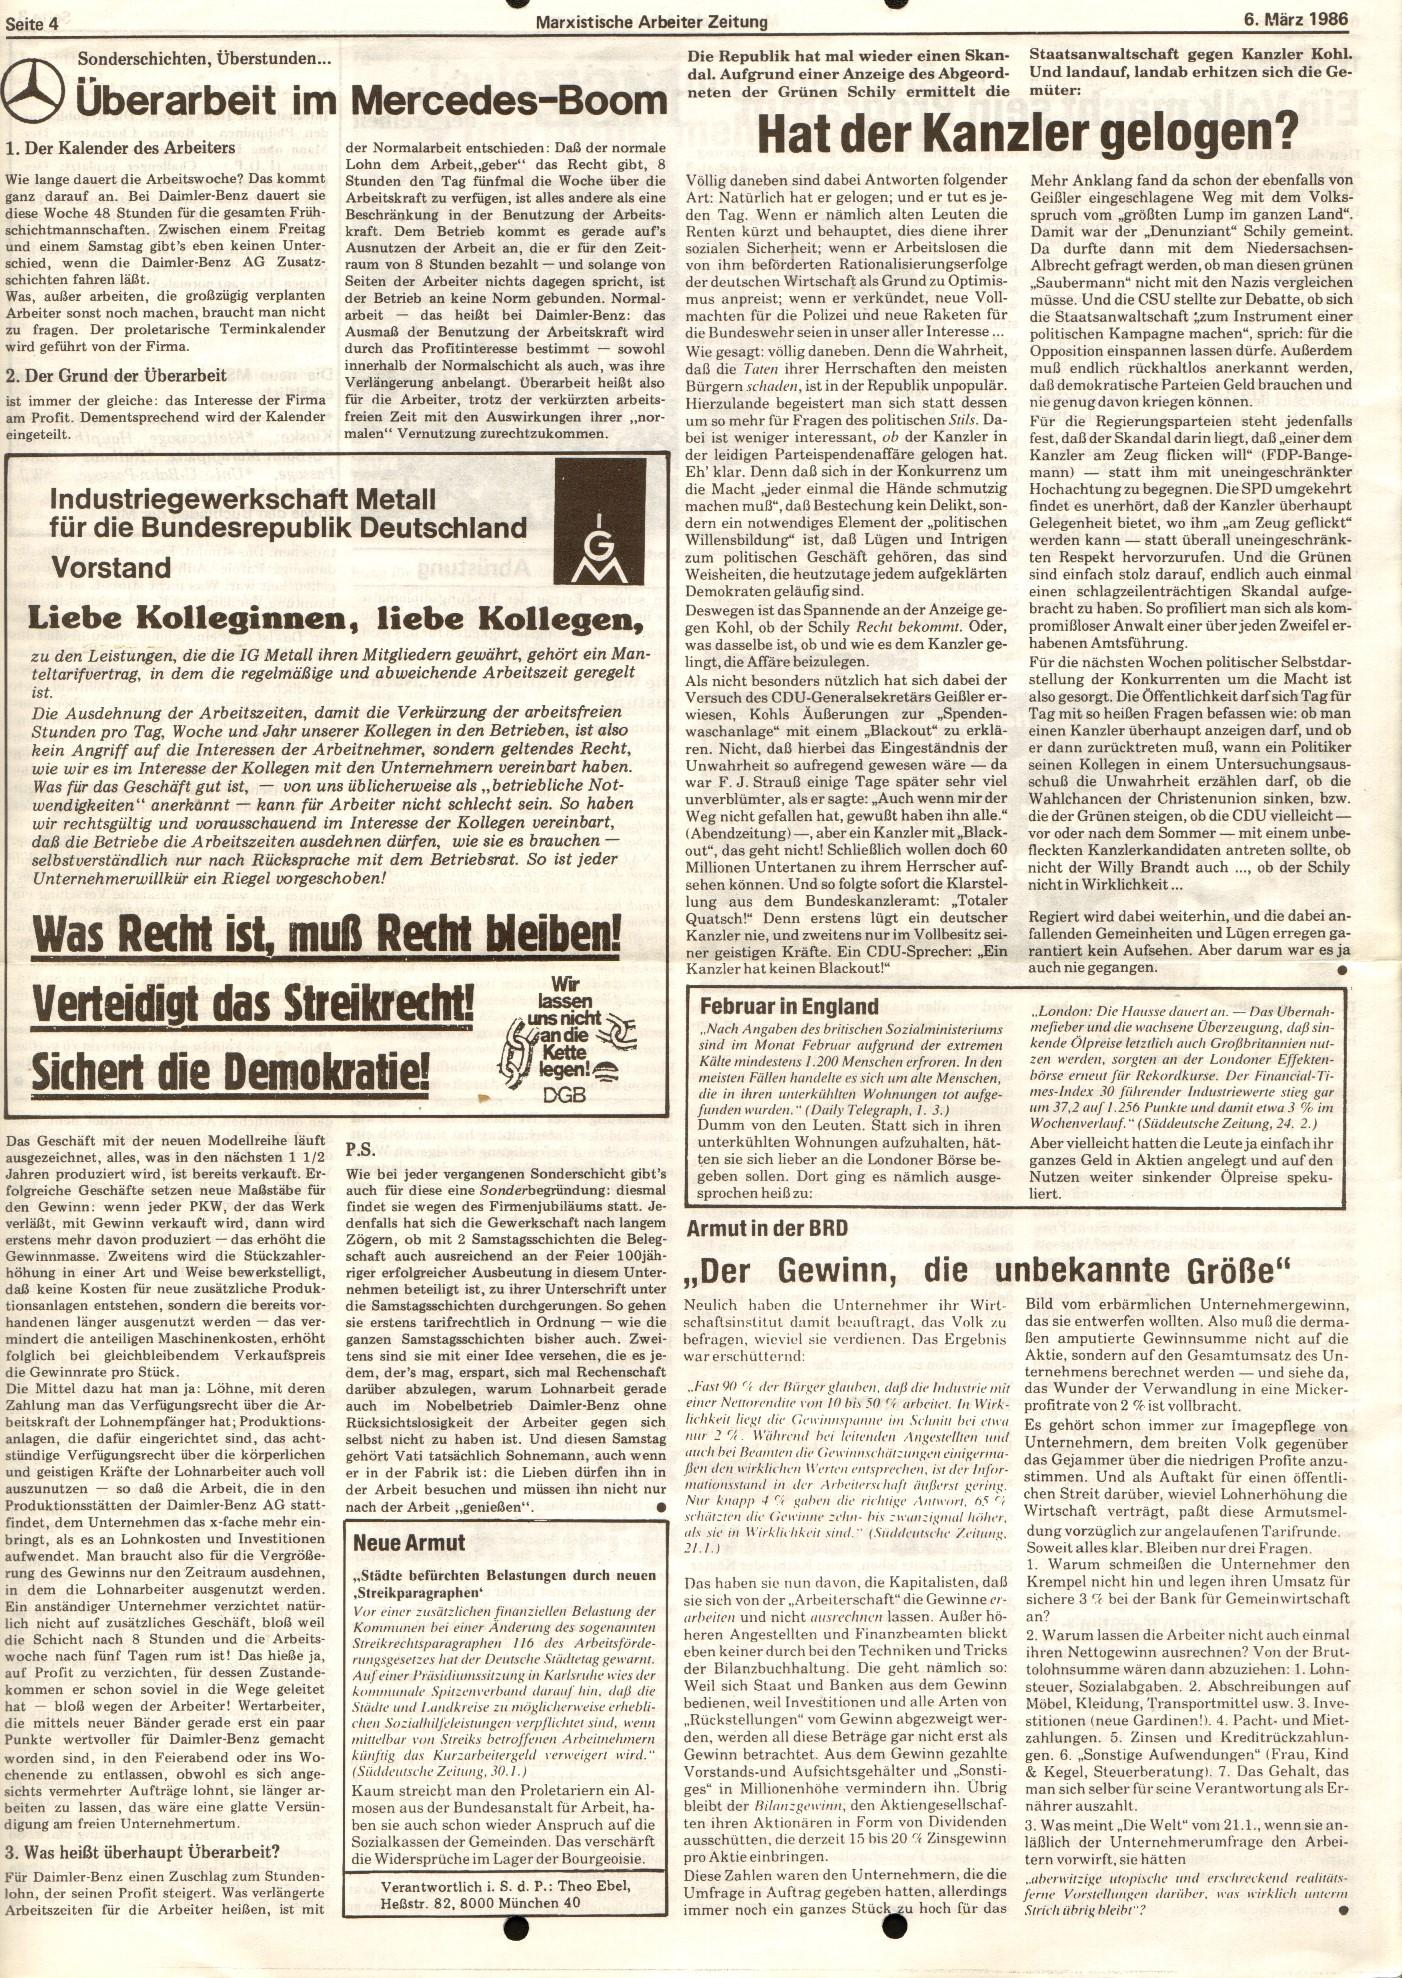 BW_MG_Marxistische_Arbeiterzeitung_19860306_04